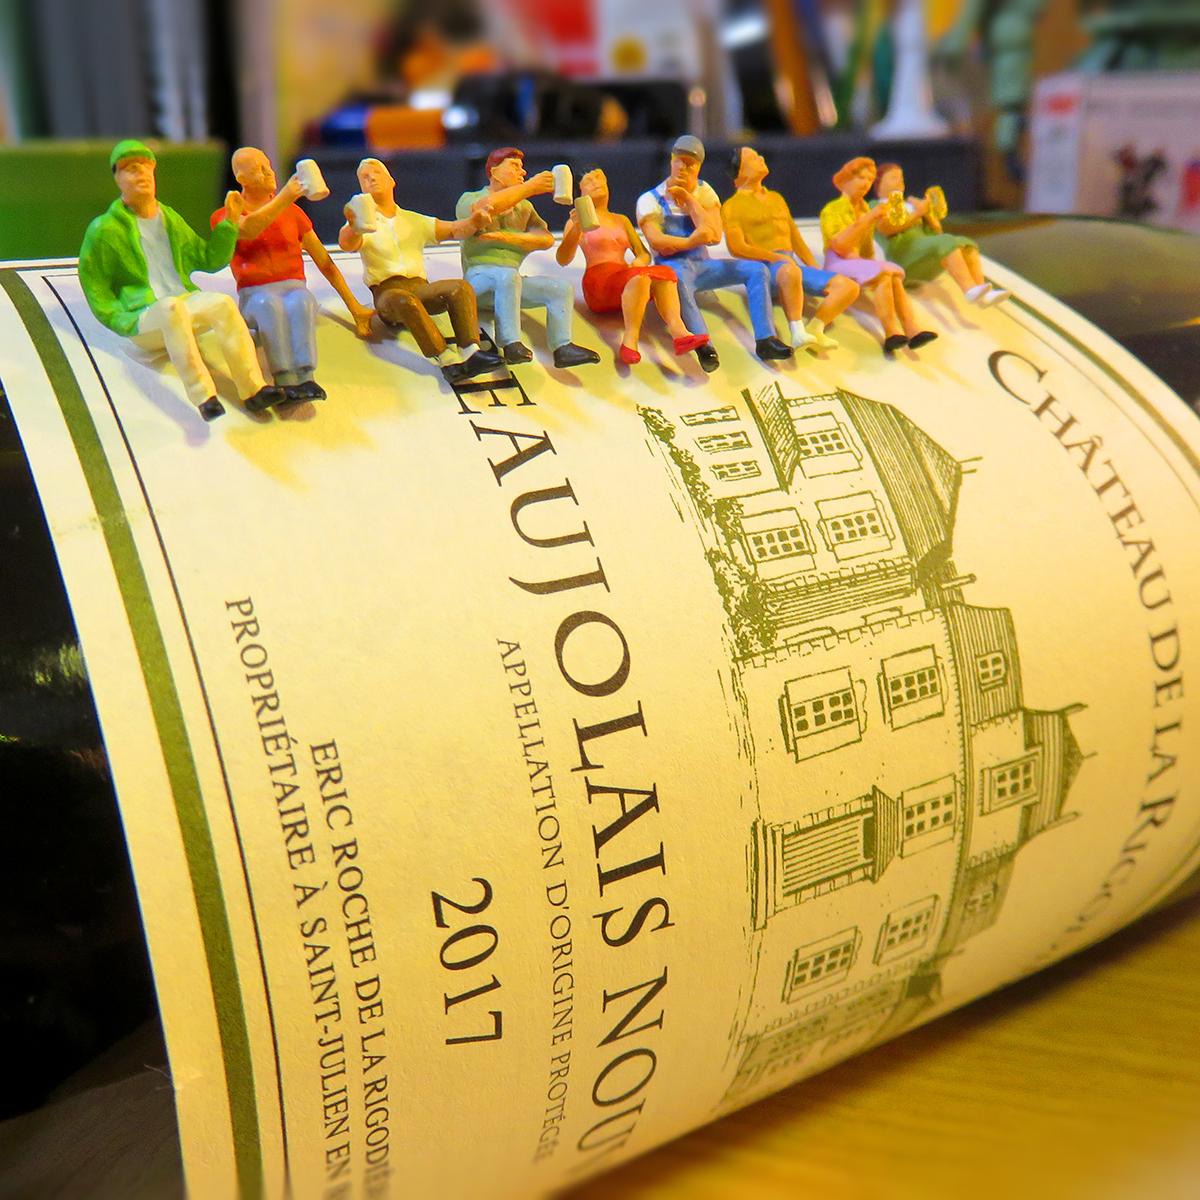 11月16日はボジョレーヌーボー2017解禁日!ワインをたしなむワイン好きな人達